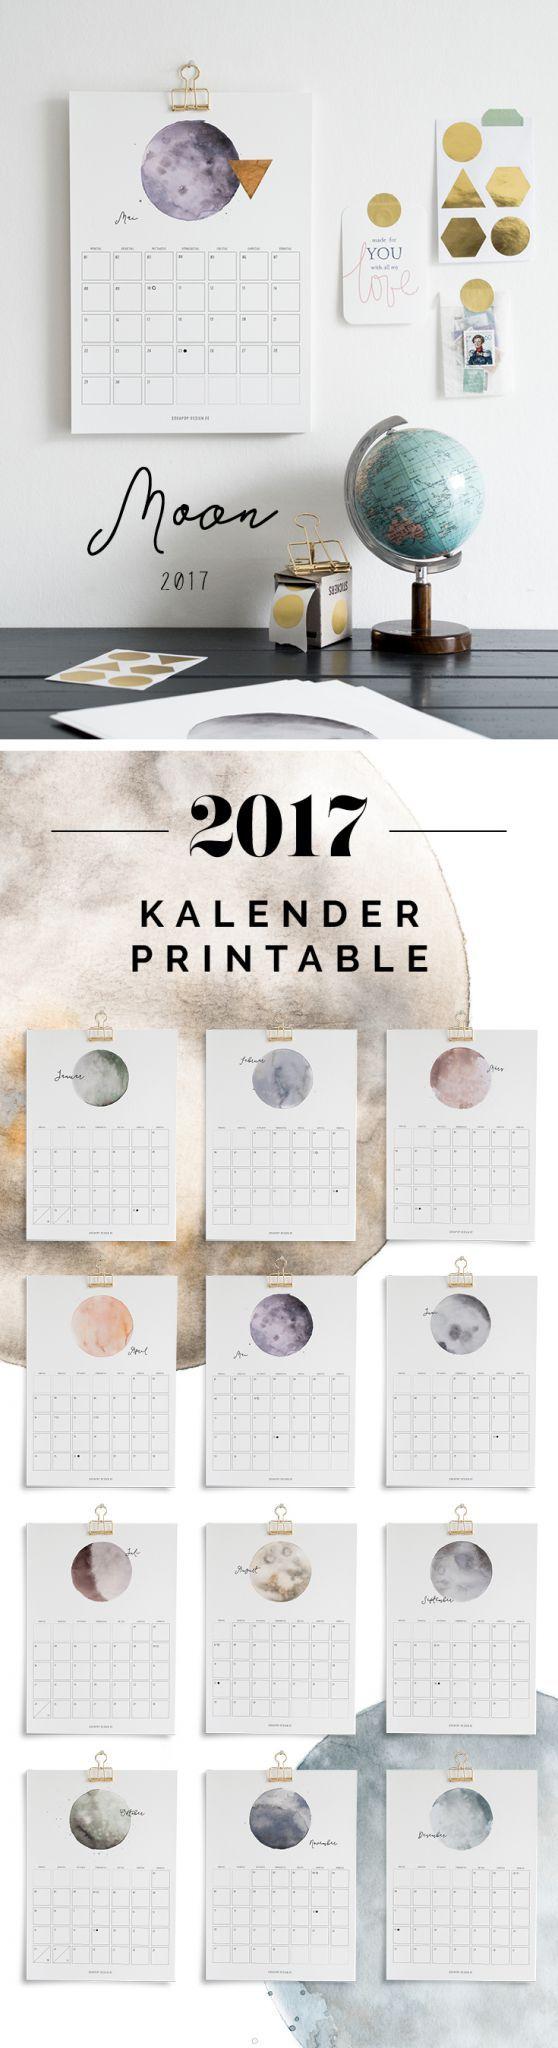 Printable Kalender   Calendar 2017 – via sodapop-design.de